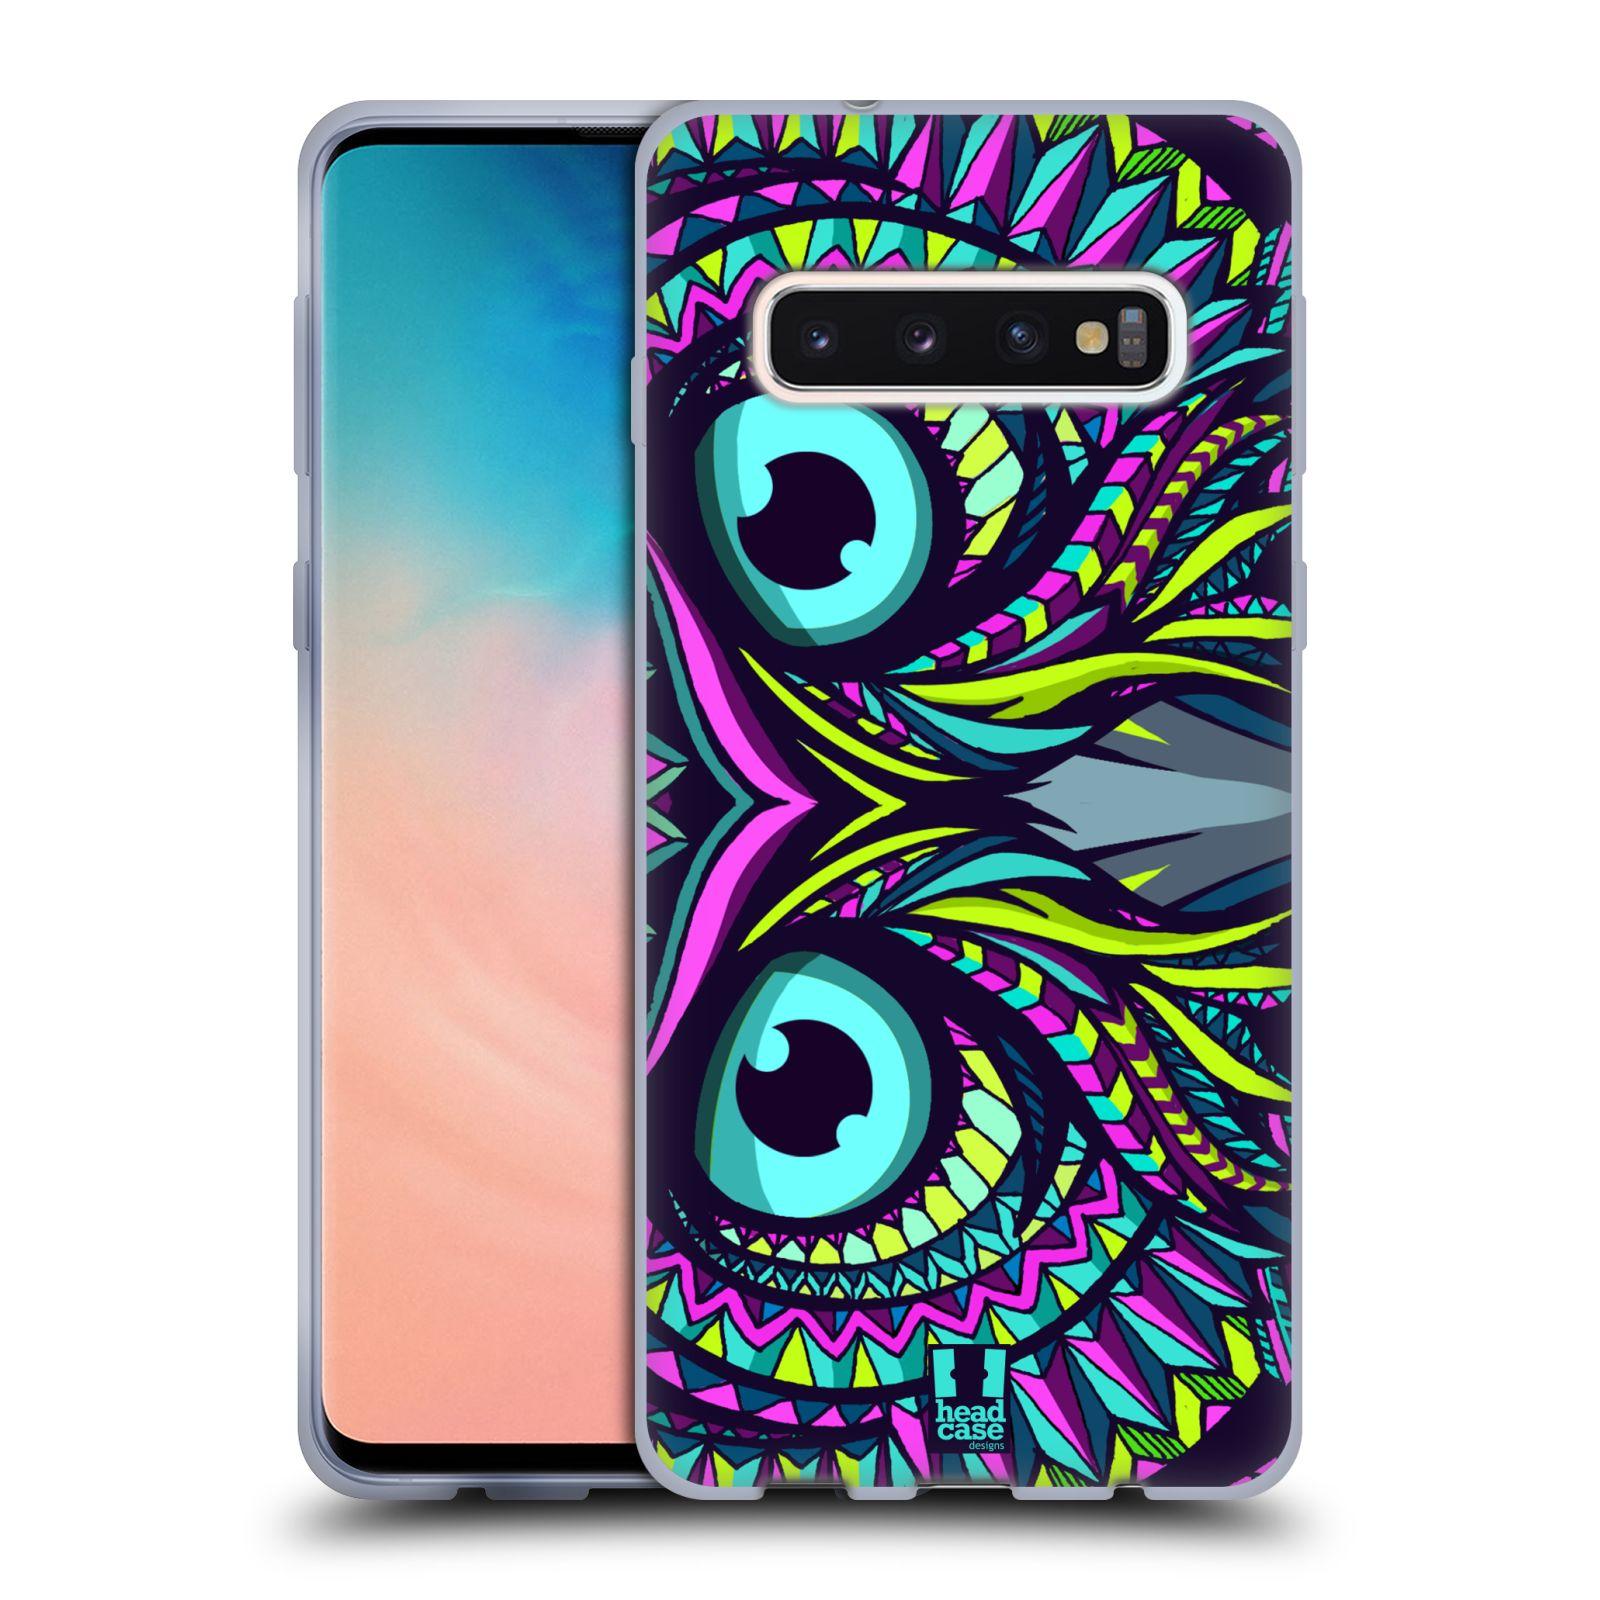 Silikonové pouzdro na mobil Samsung Galaxy S10 - Head Case - AZTEC SOVA